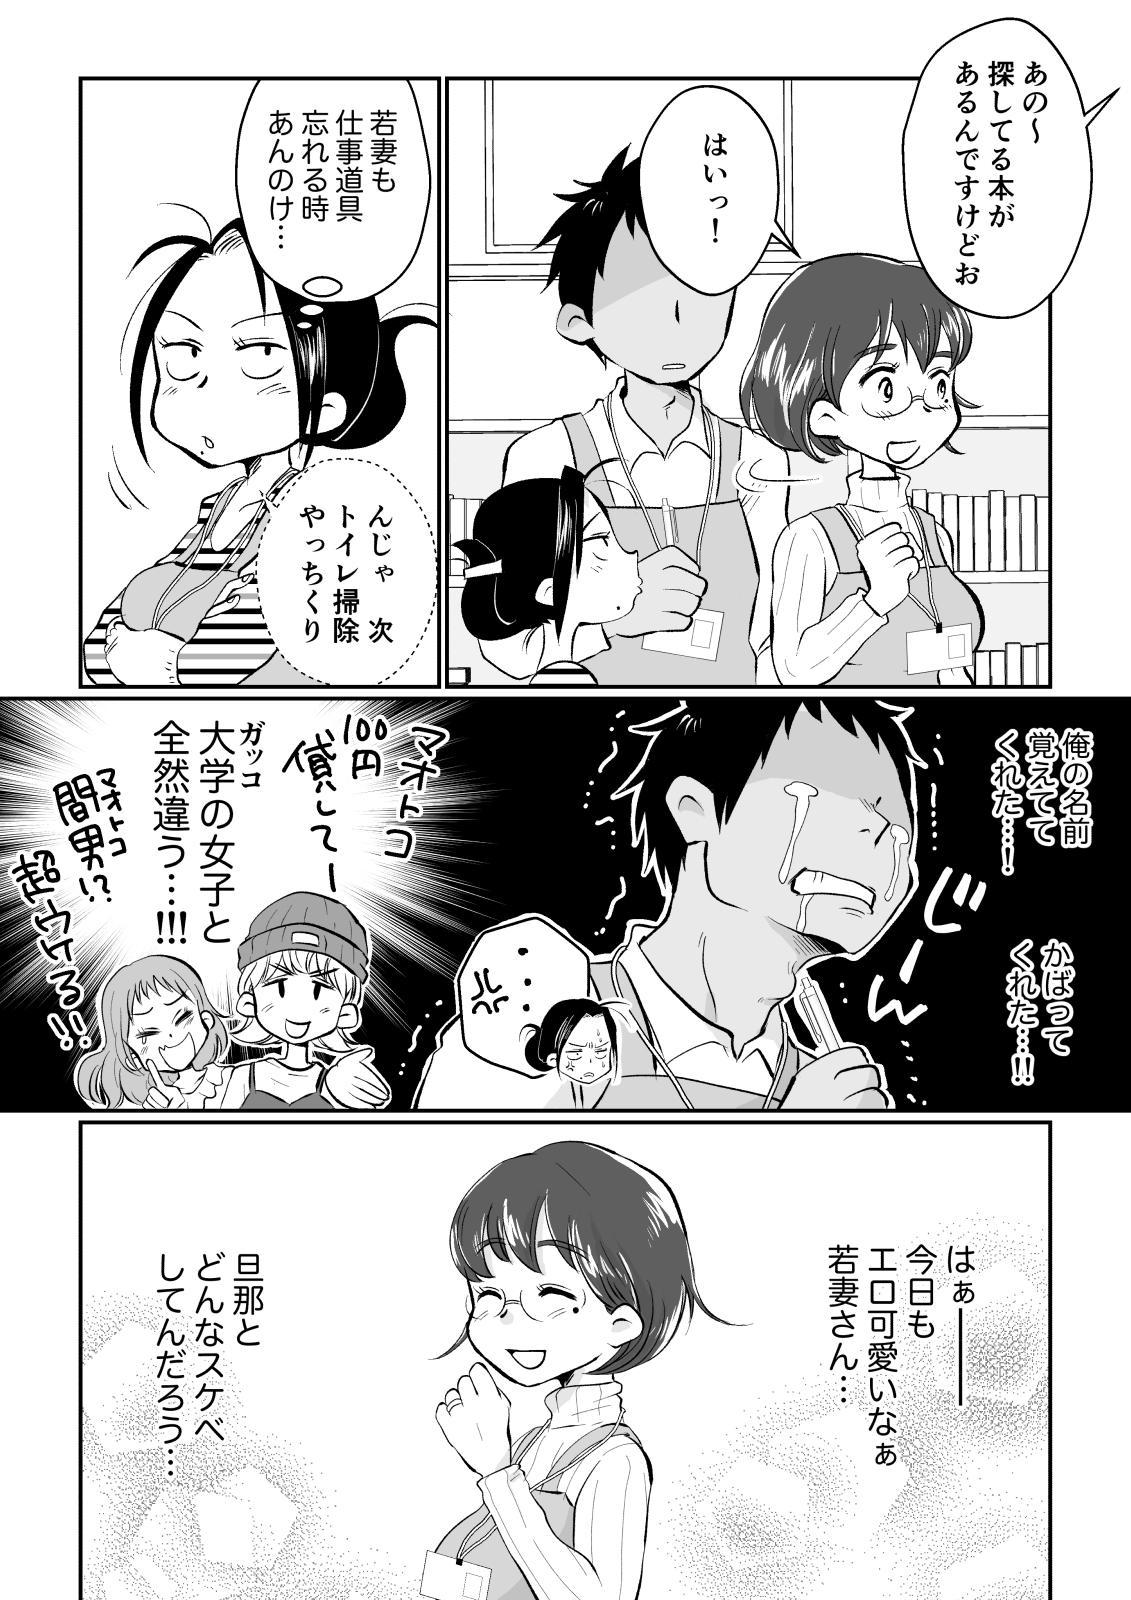 [Megitsune Works] Wakazuma-san wa Yokkyuu Fuman! Akogare no Shisho no Wakazuma-san ga Gakusei Beit no Boku no Fudeoroshi o Shite kuremashita. 5